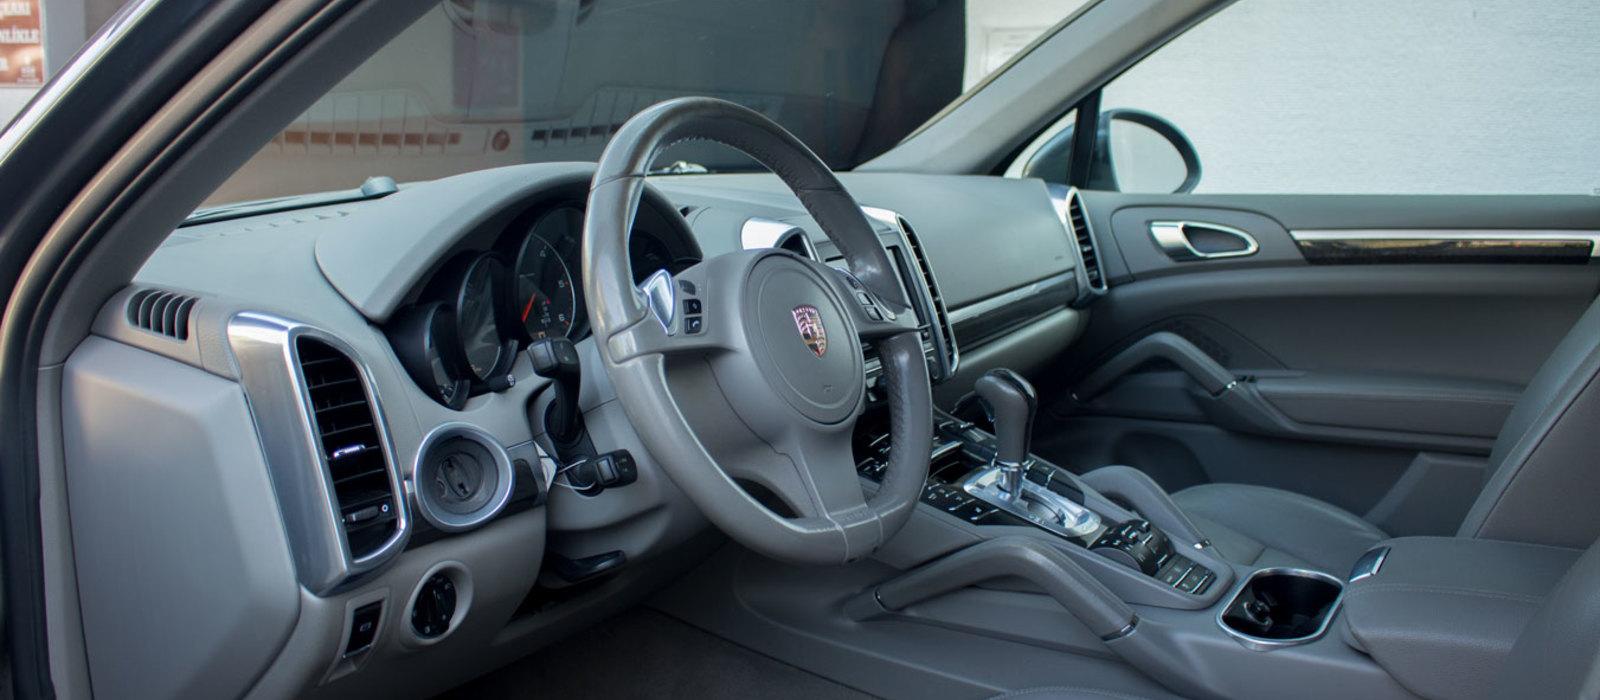 ikinci el araba 2011 Porsche Cayenne Diesel Dizel Otomatik 136588 KM 17